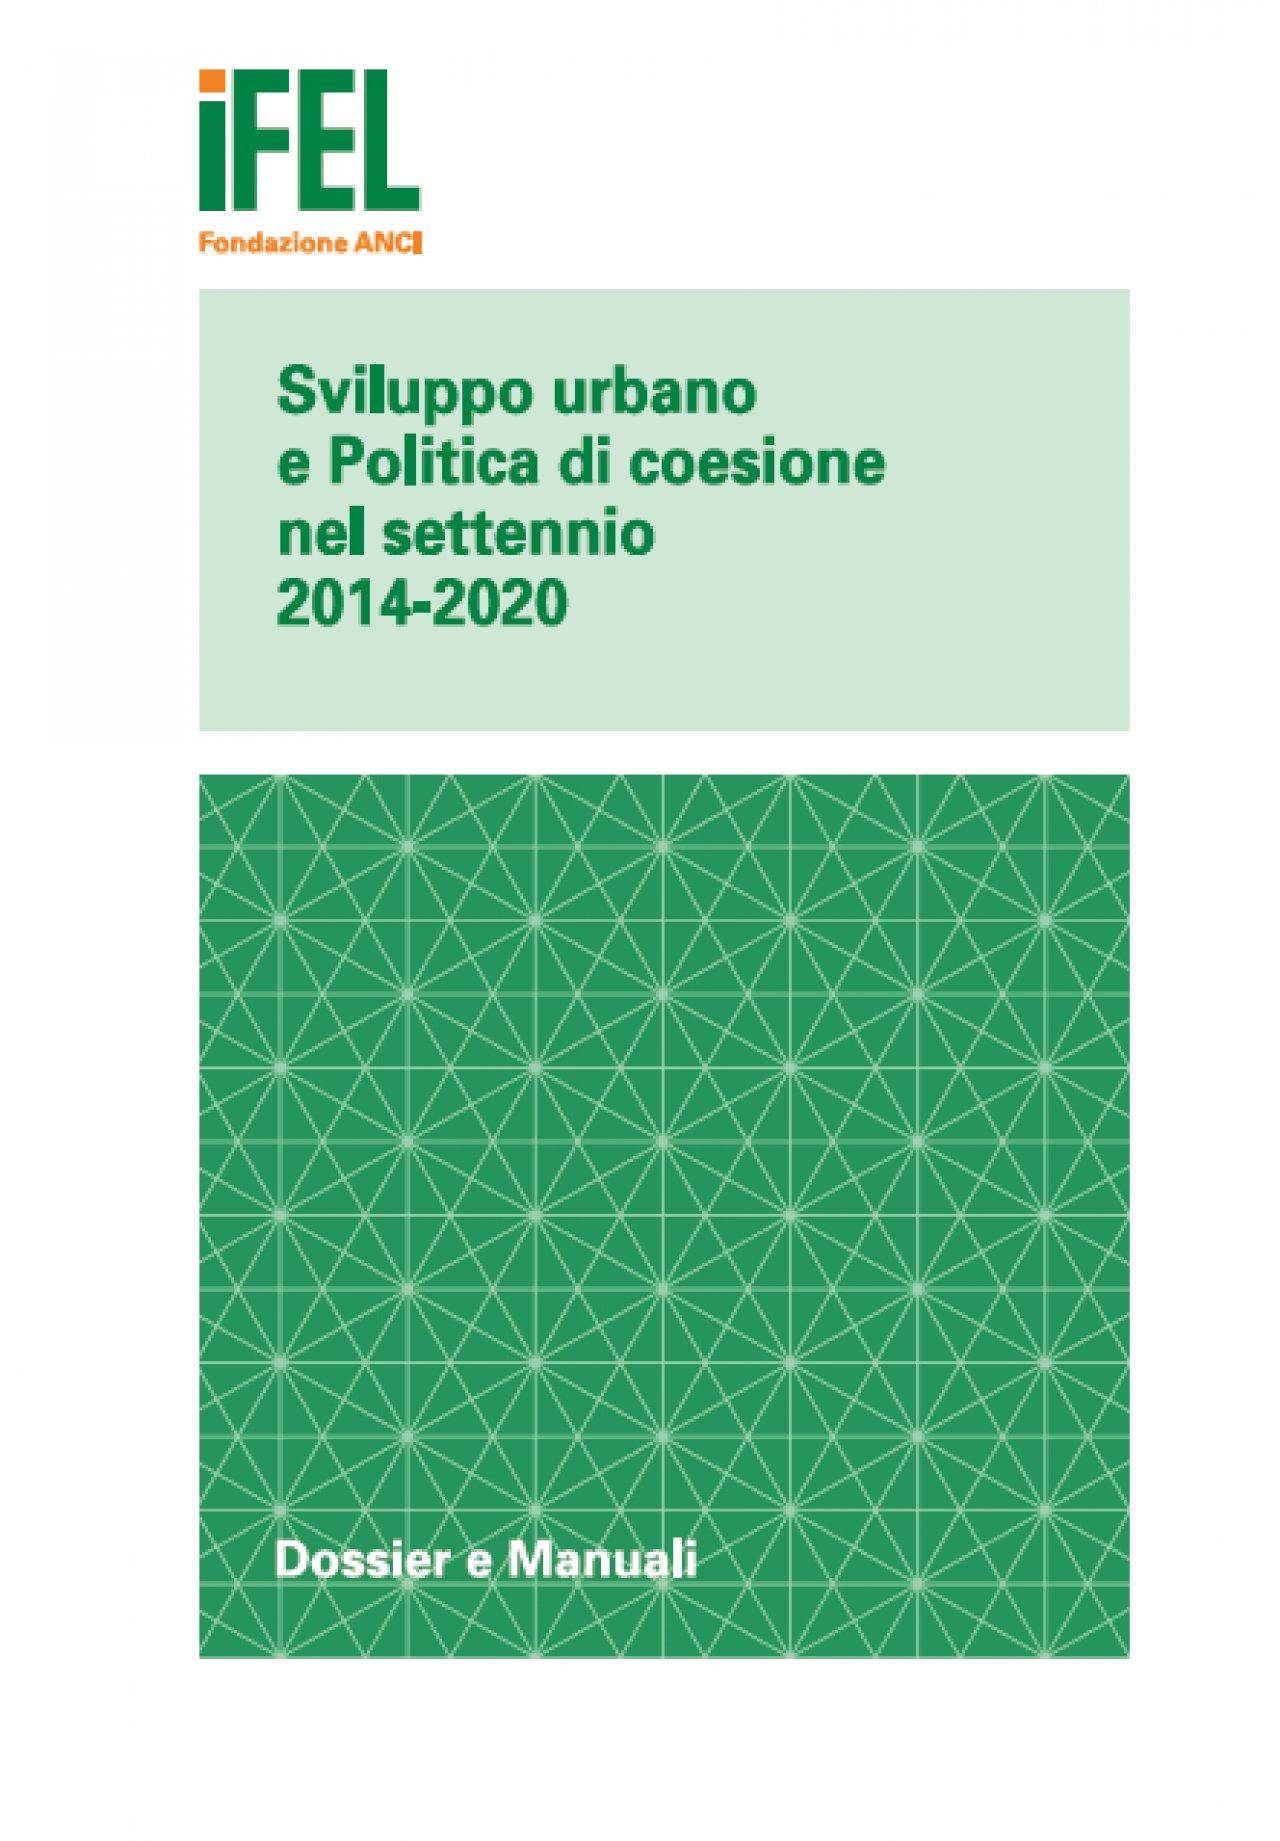 Sviluppo urbano e Politica di coesione nel settennio 2014 - 2020 Stato di avanzamento delle agende regionali 2017